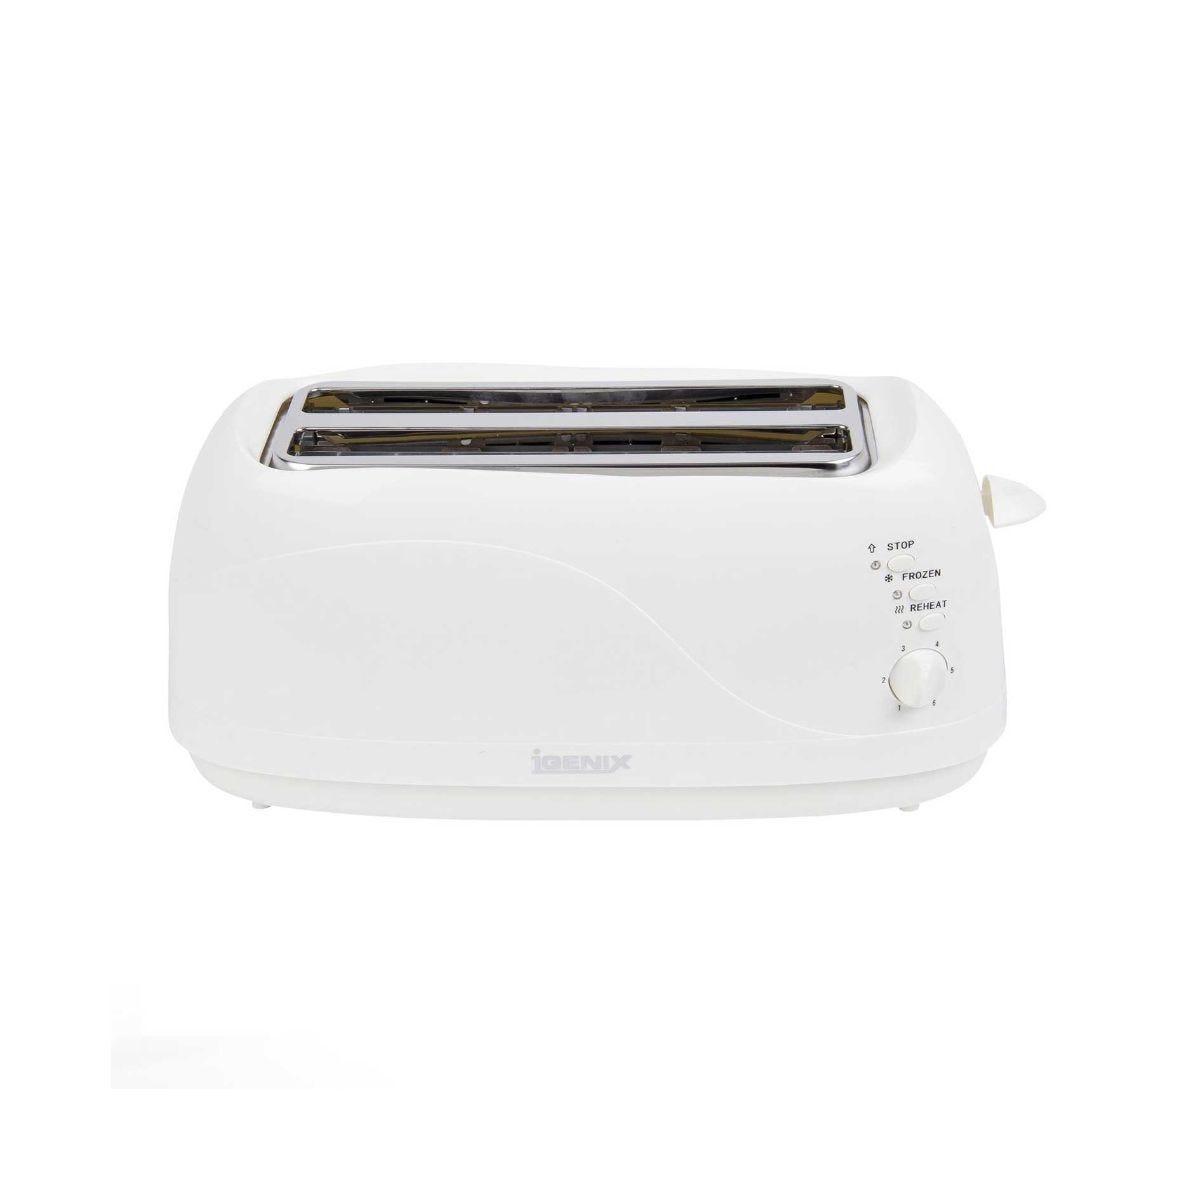 Igenix 4 Slice Toaster White